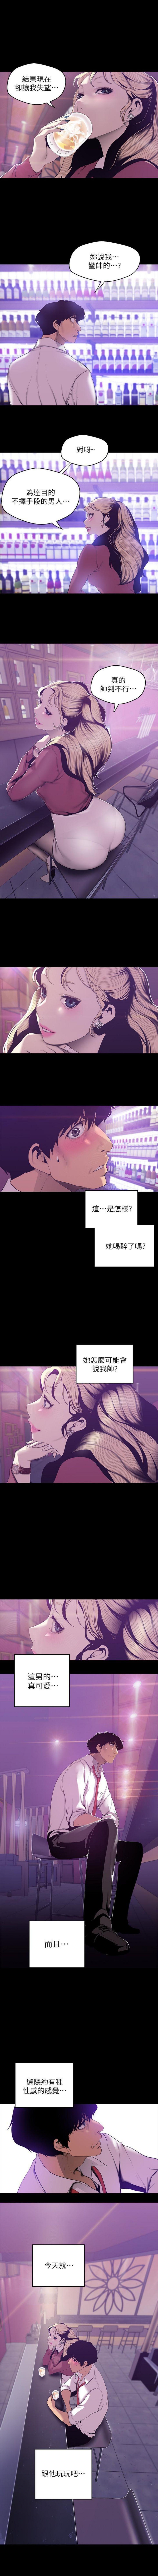 美麗新世界 1-85 官方中文(連載中) 542